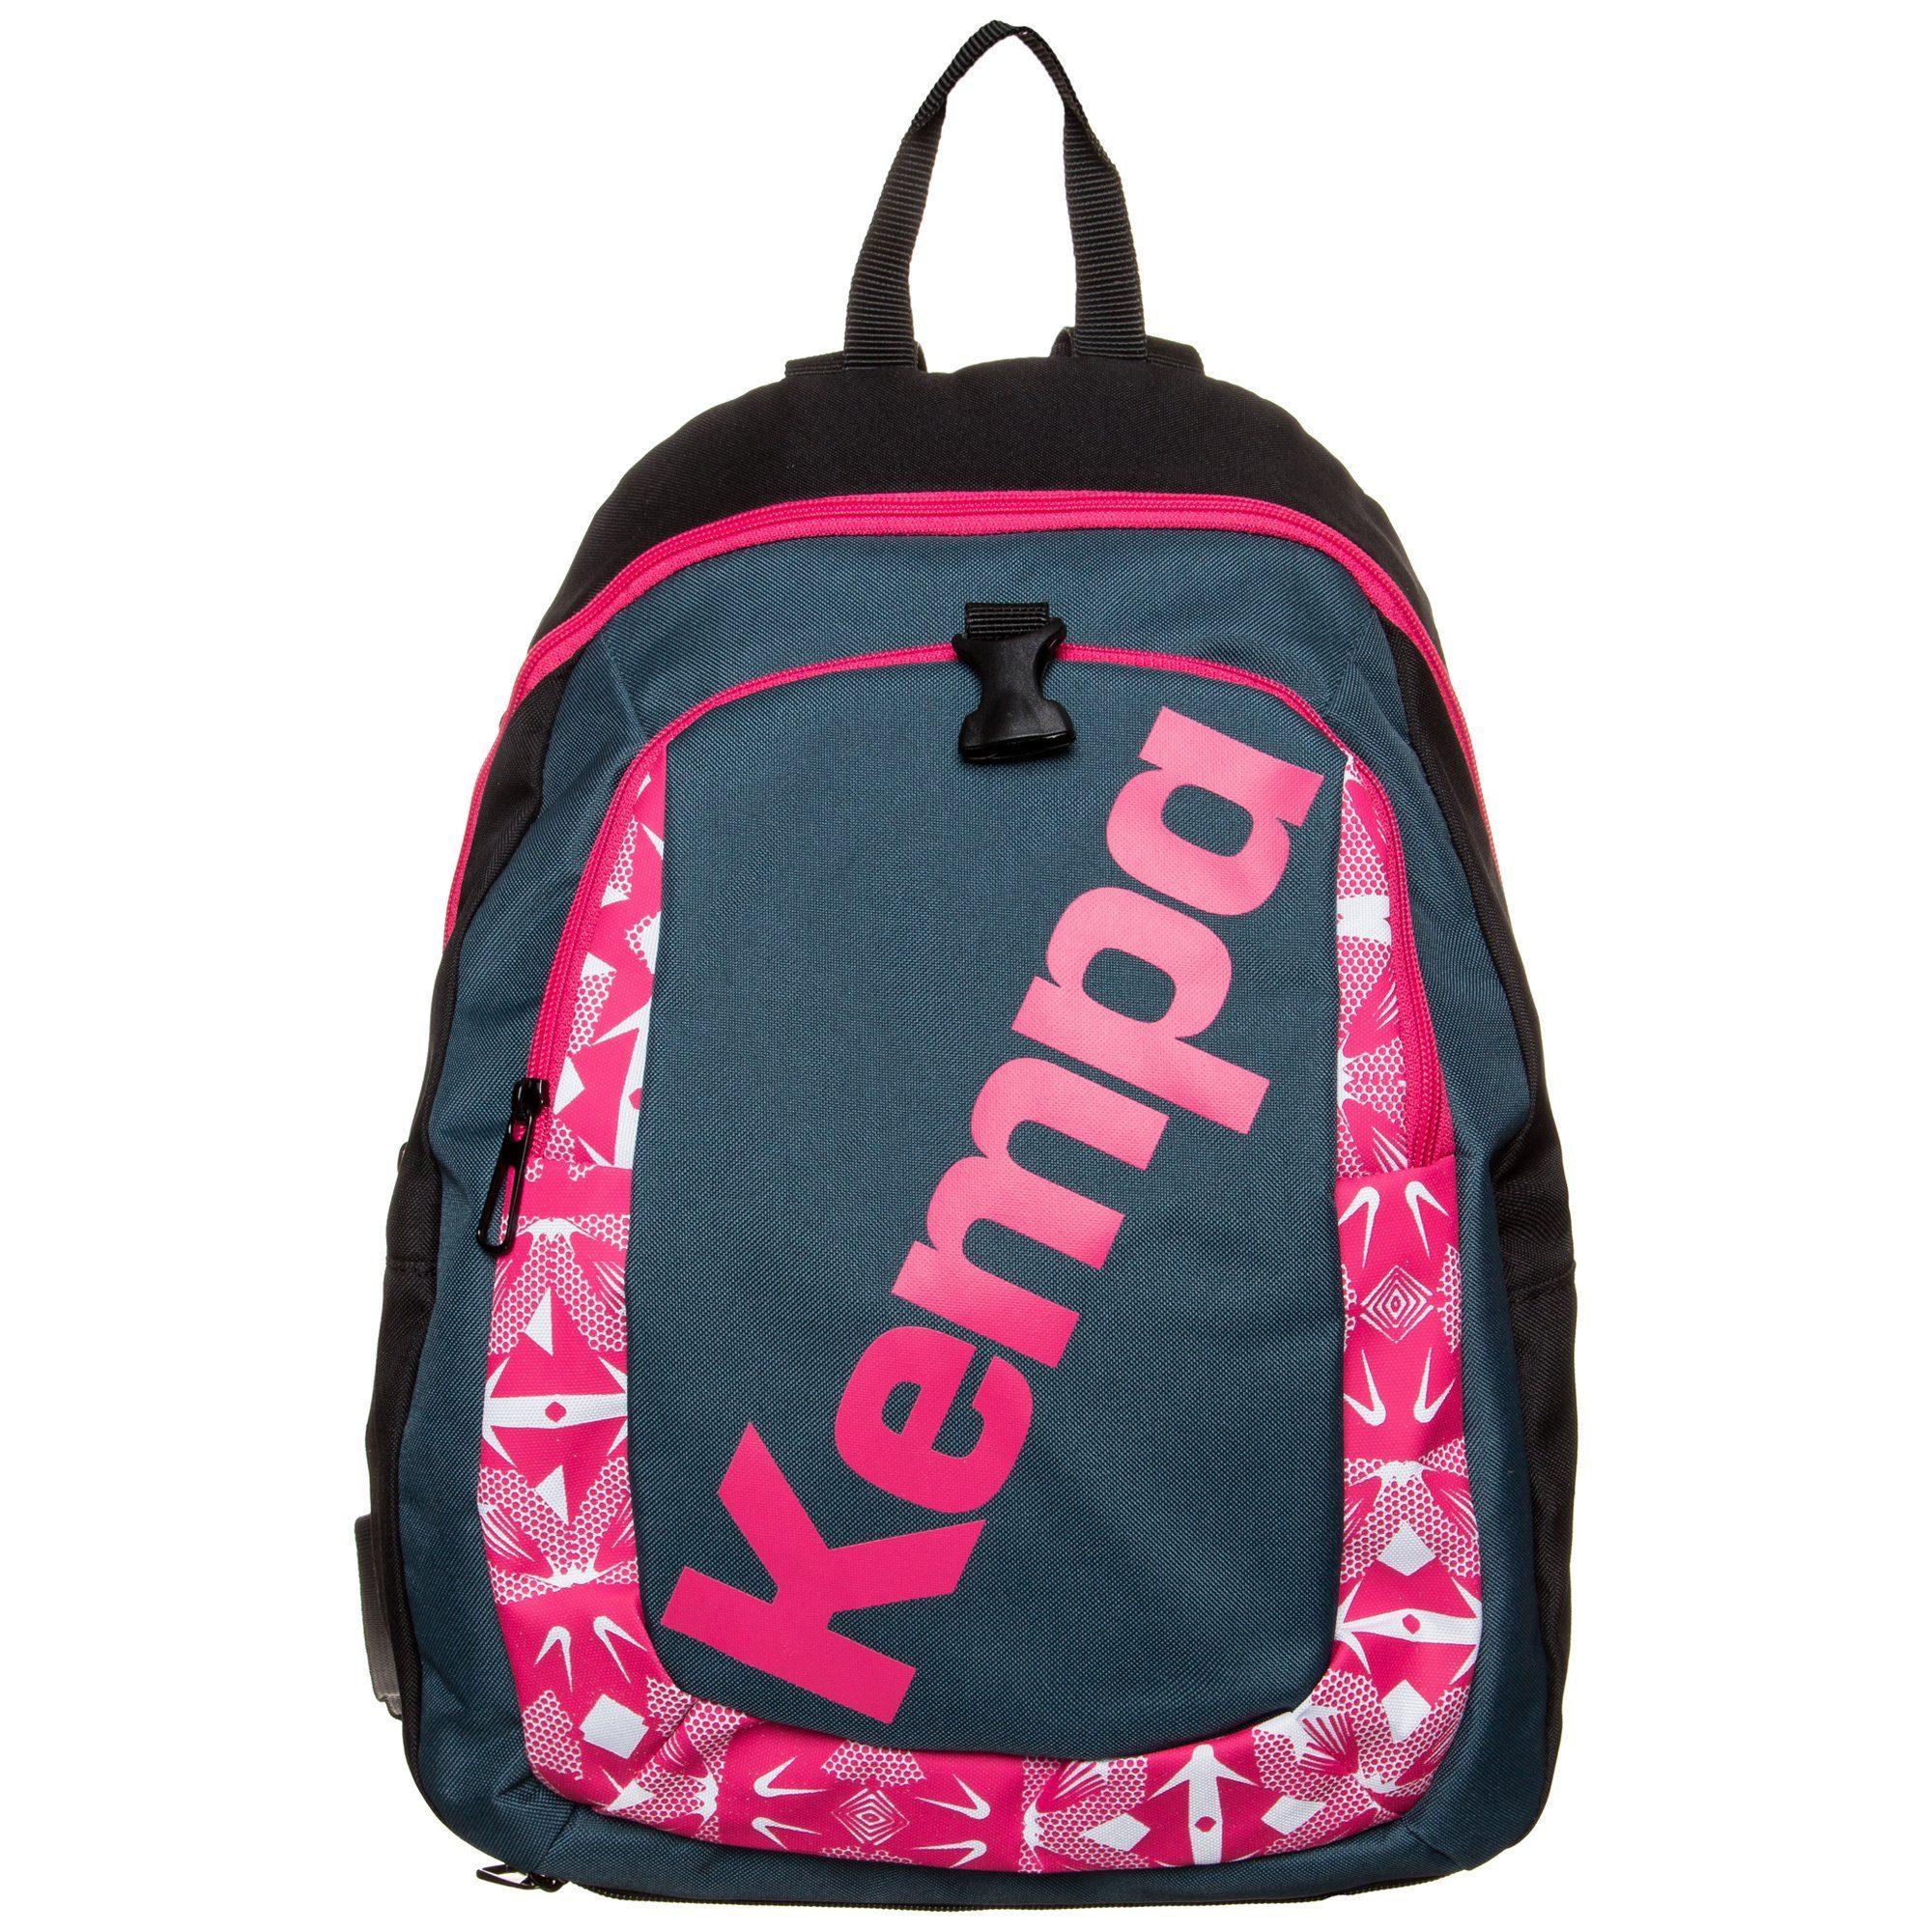 KEMPA Kids Rucksack Kinder